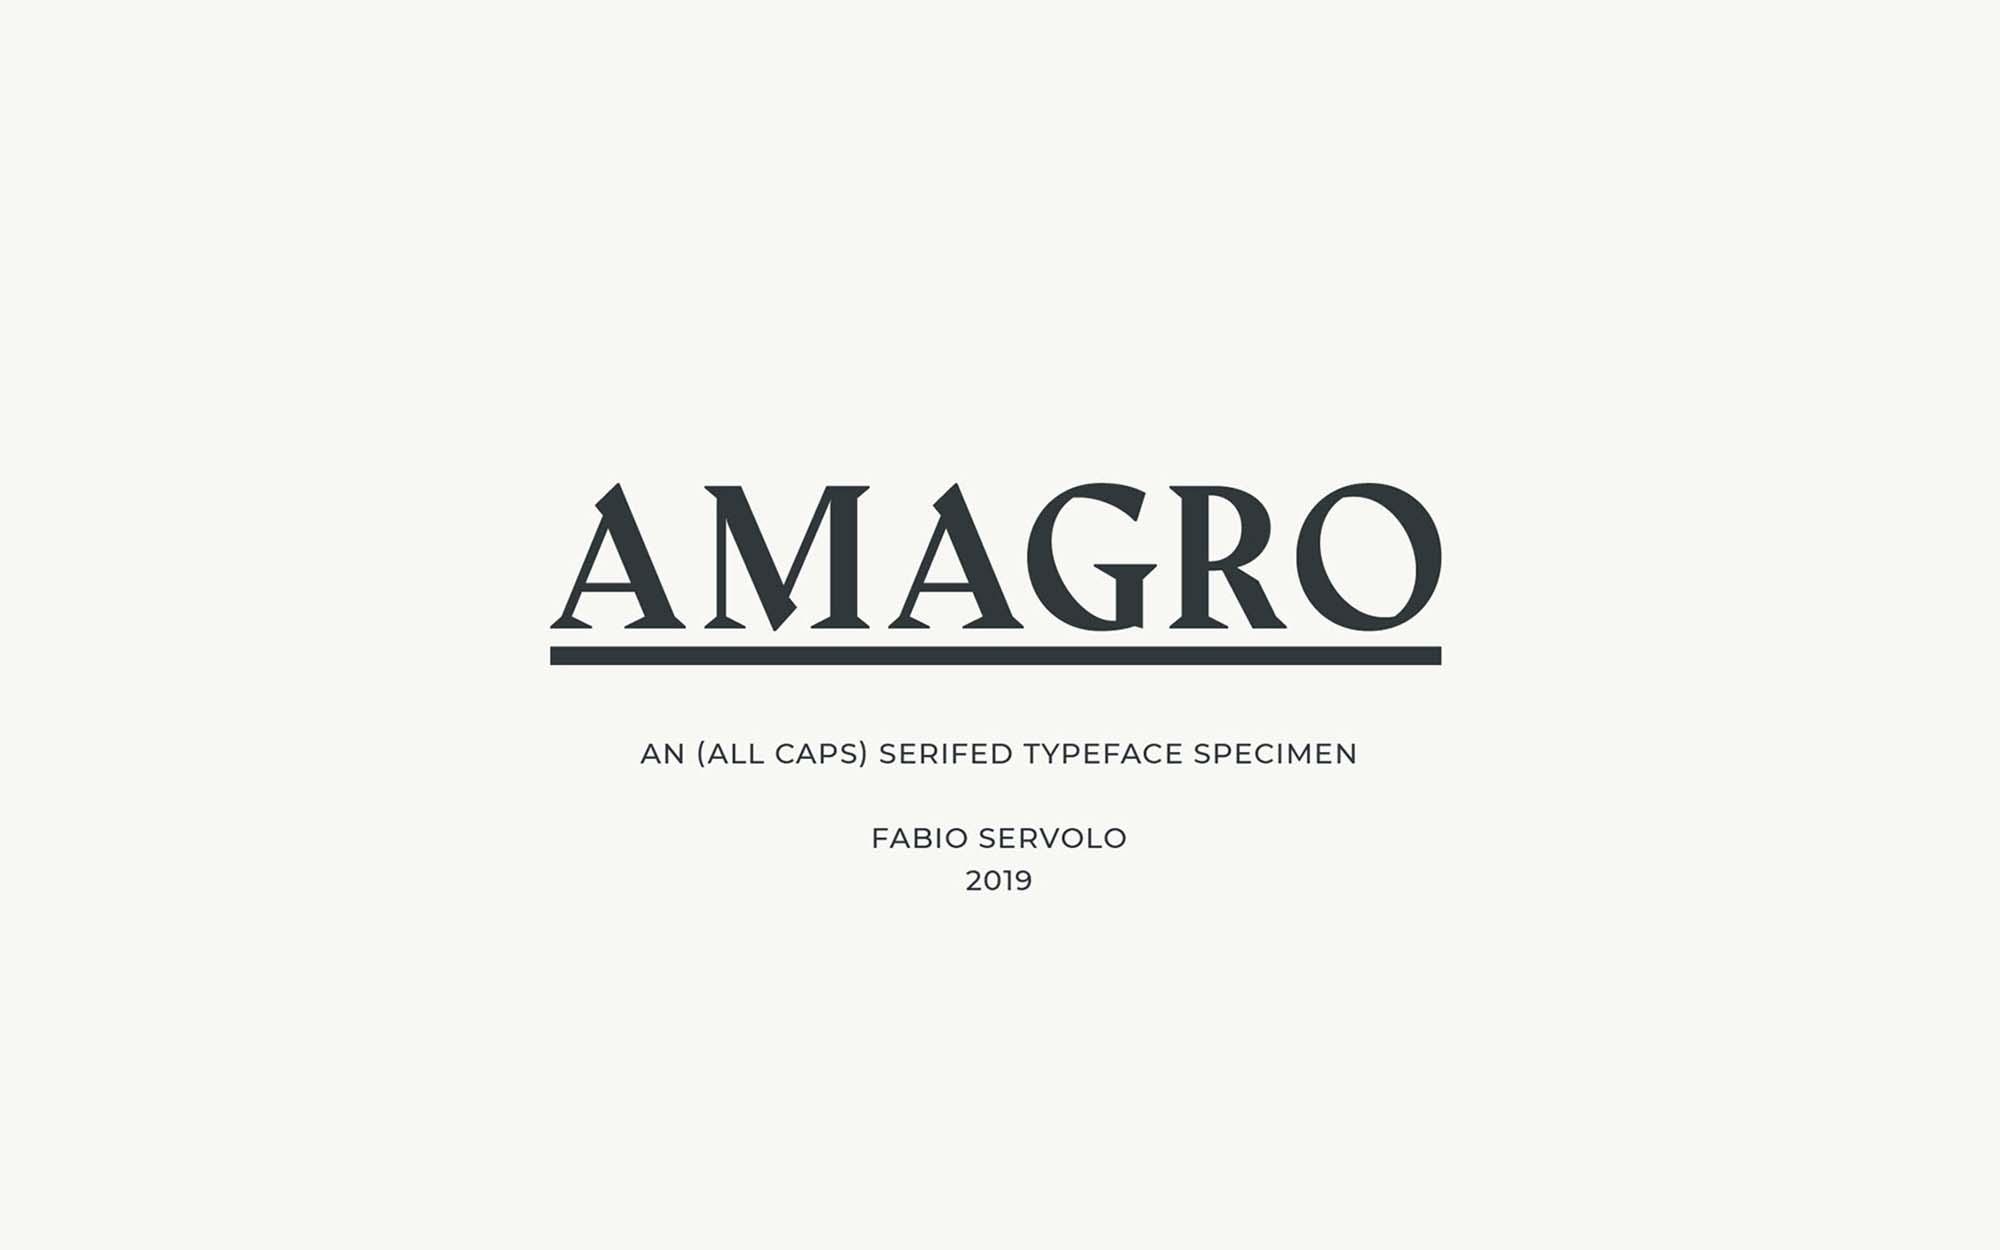 Amagro Typeface